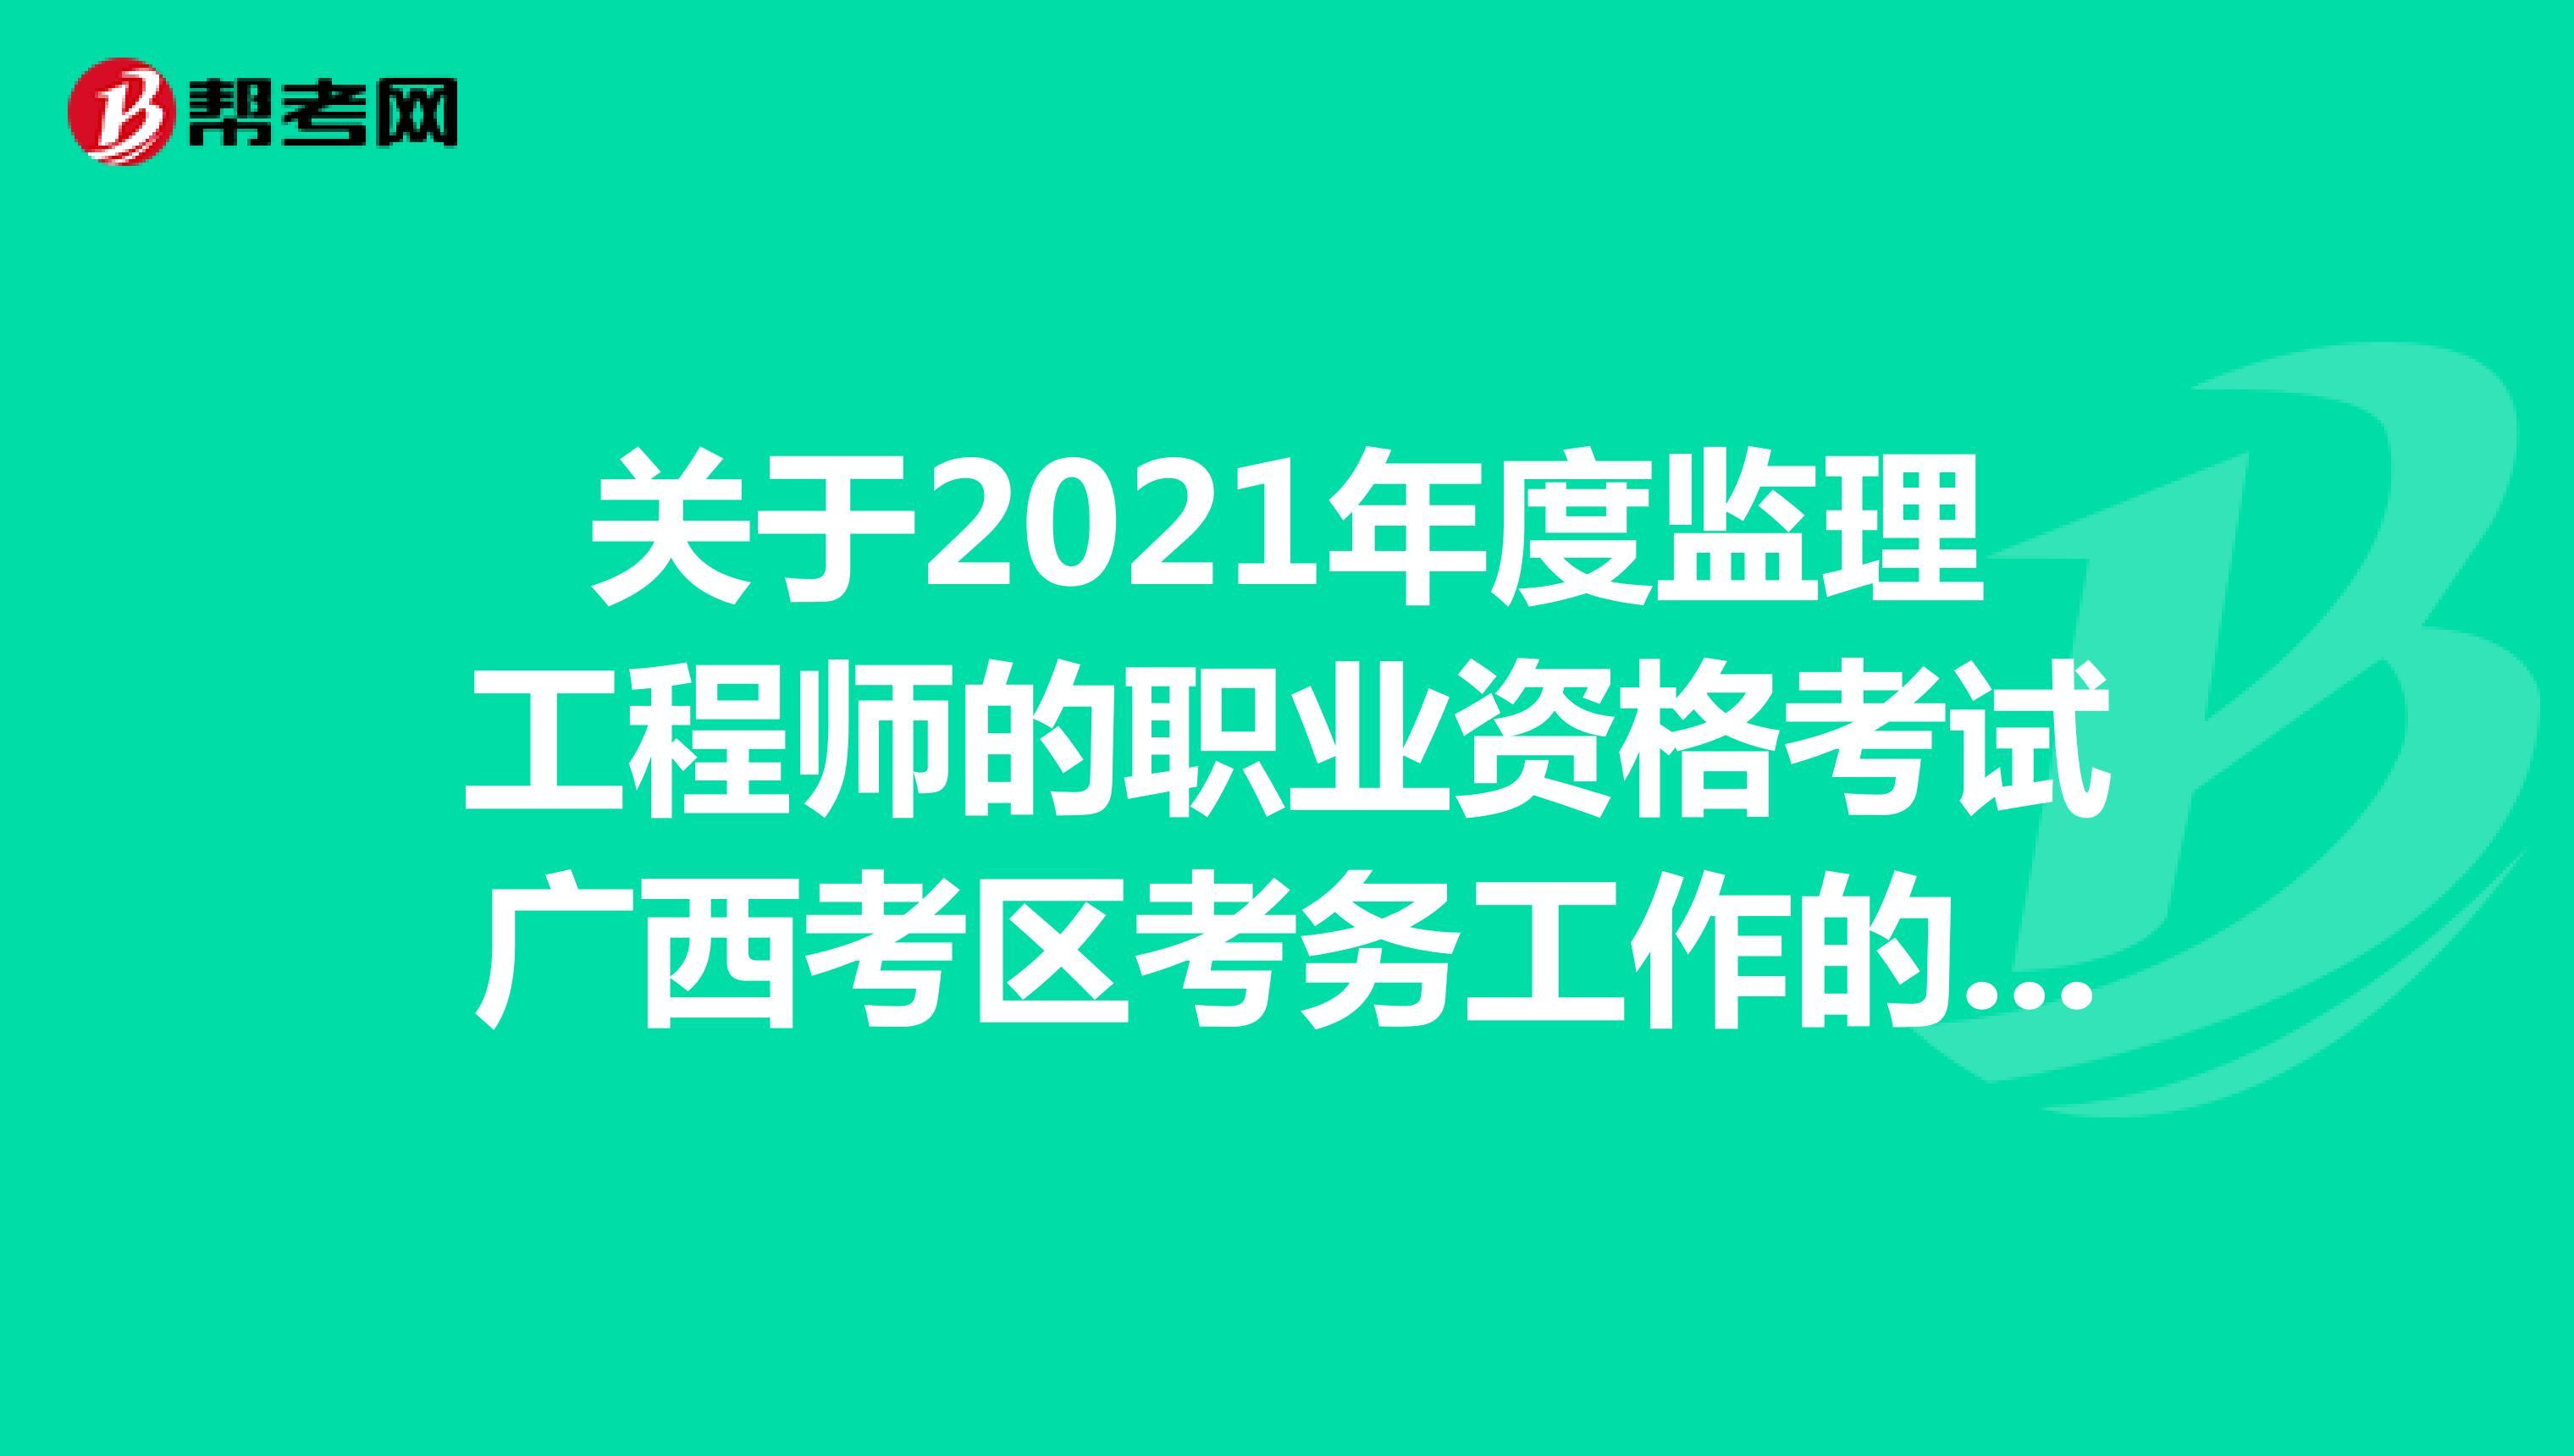 关于2021年度监理工程师的职业资格考试广西考区考务工作的通知